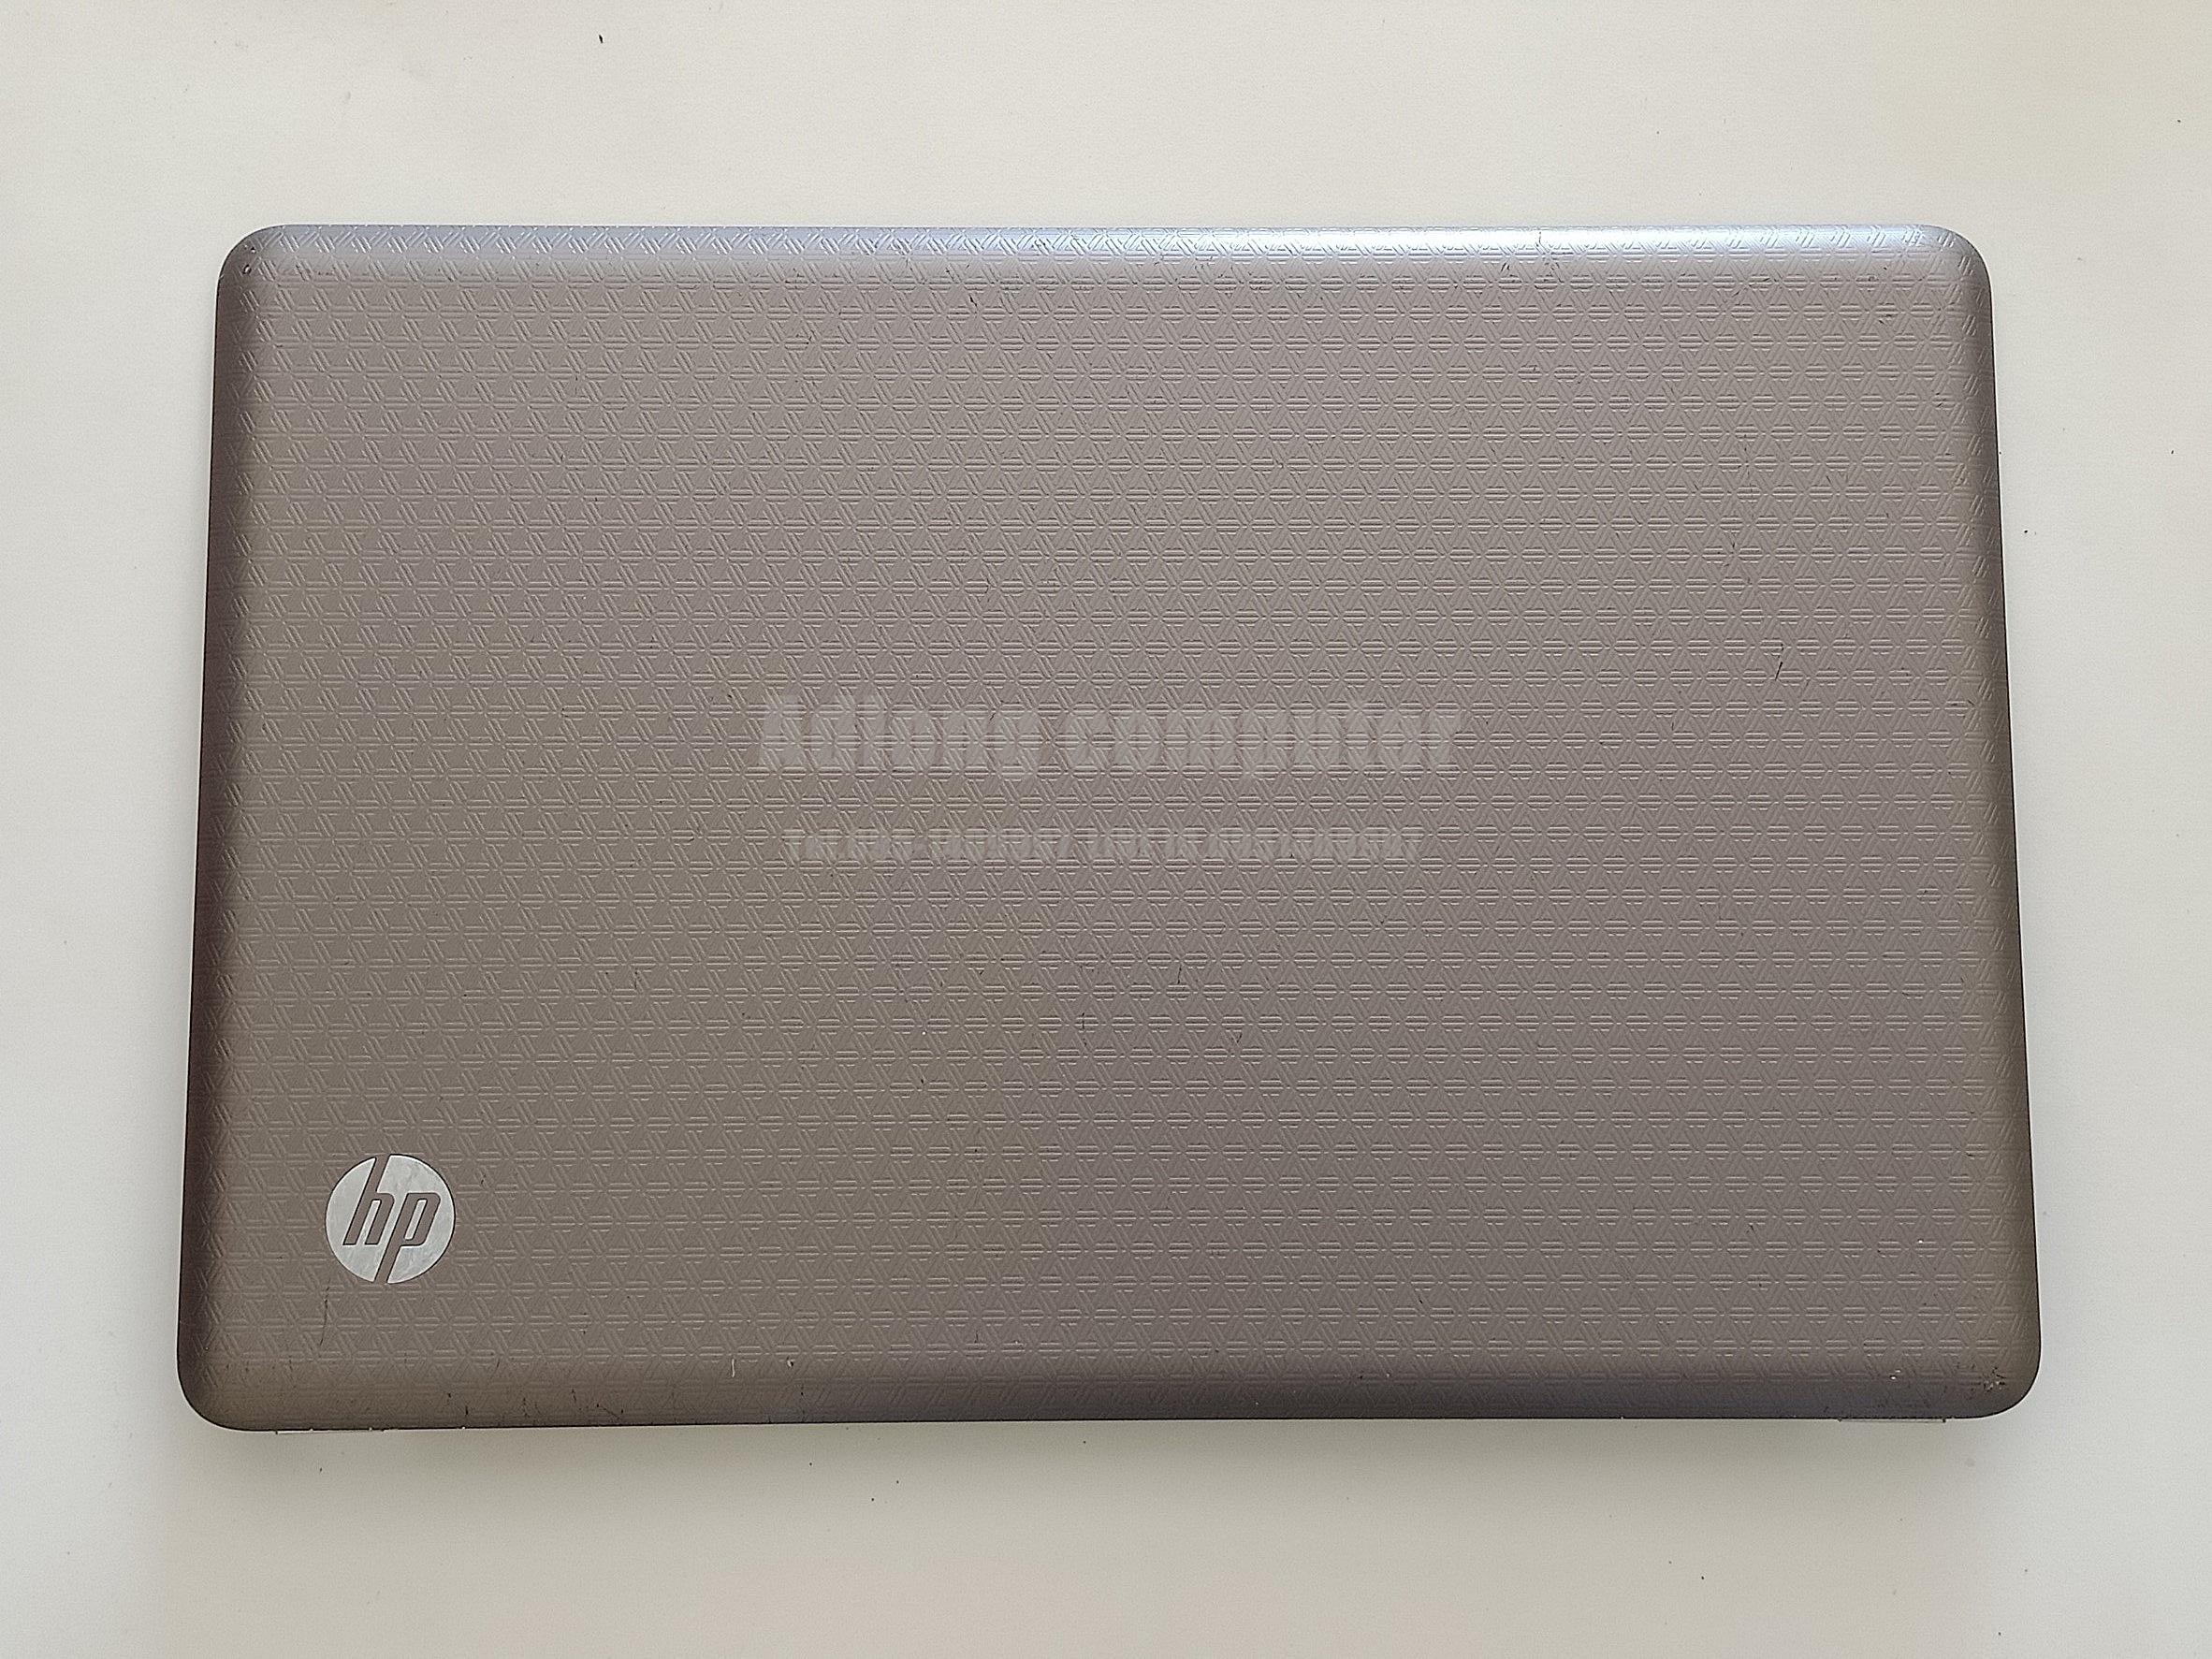 บอดี้ฝาหลังโน๊ตบุ๊ค HP CQ42